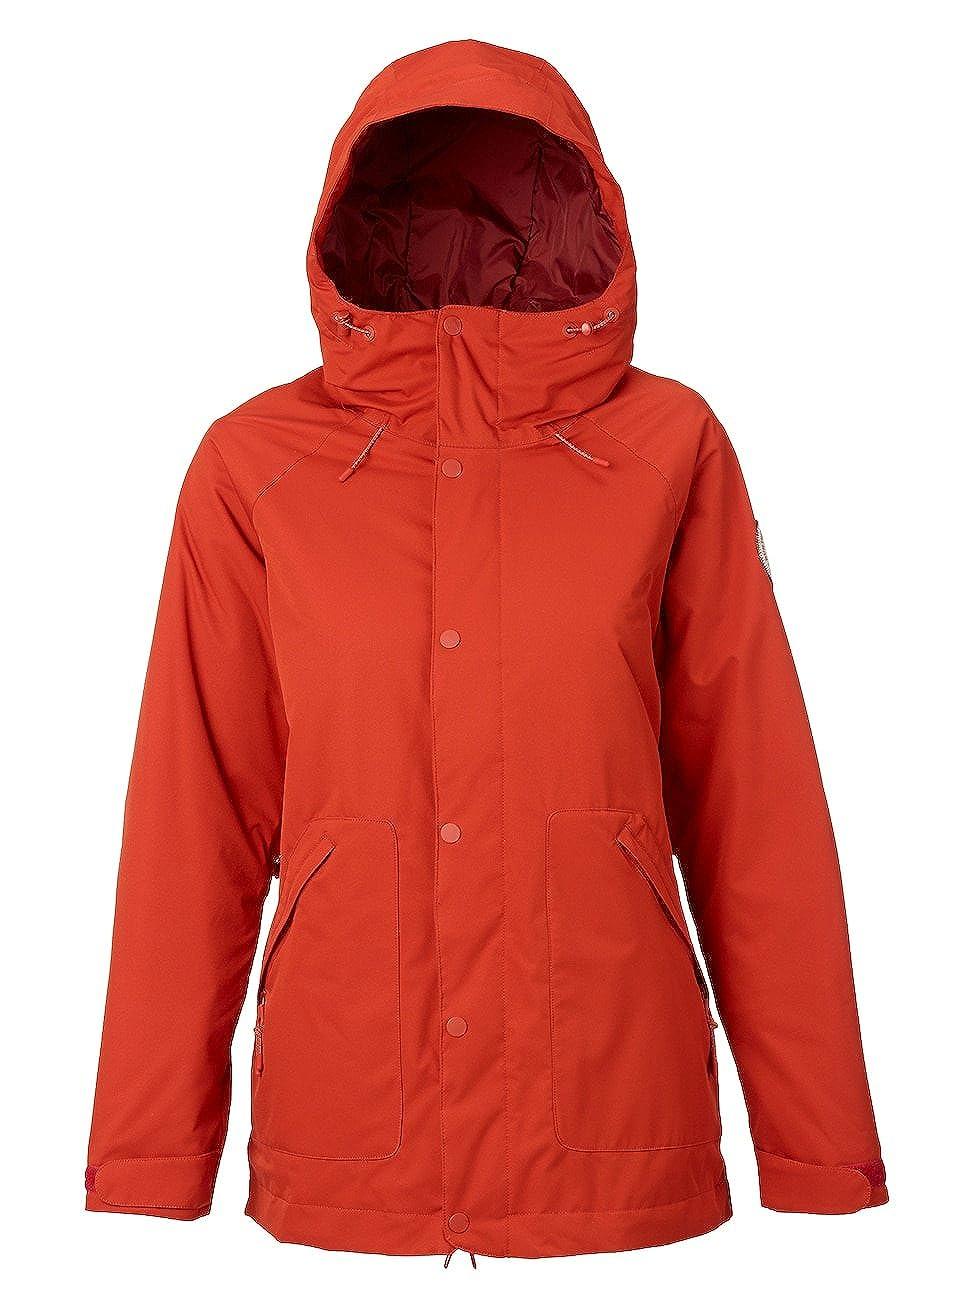 Bitters Burton Women's Eastfall Jacket, Abyss Hawk Camel, Large